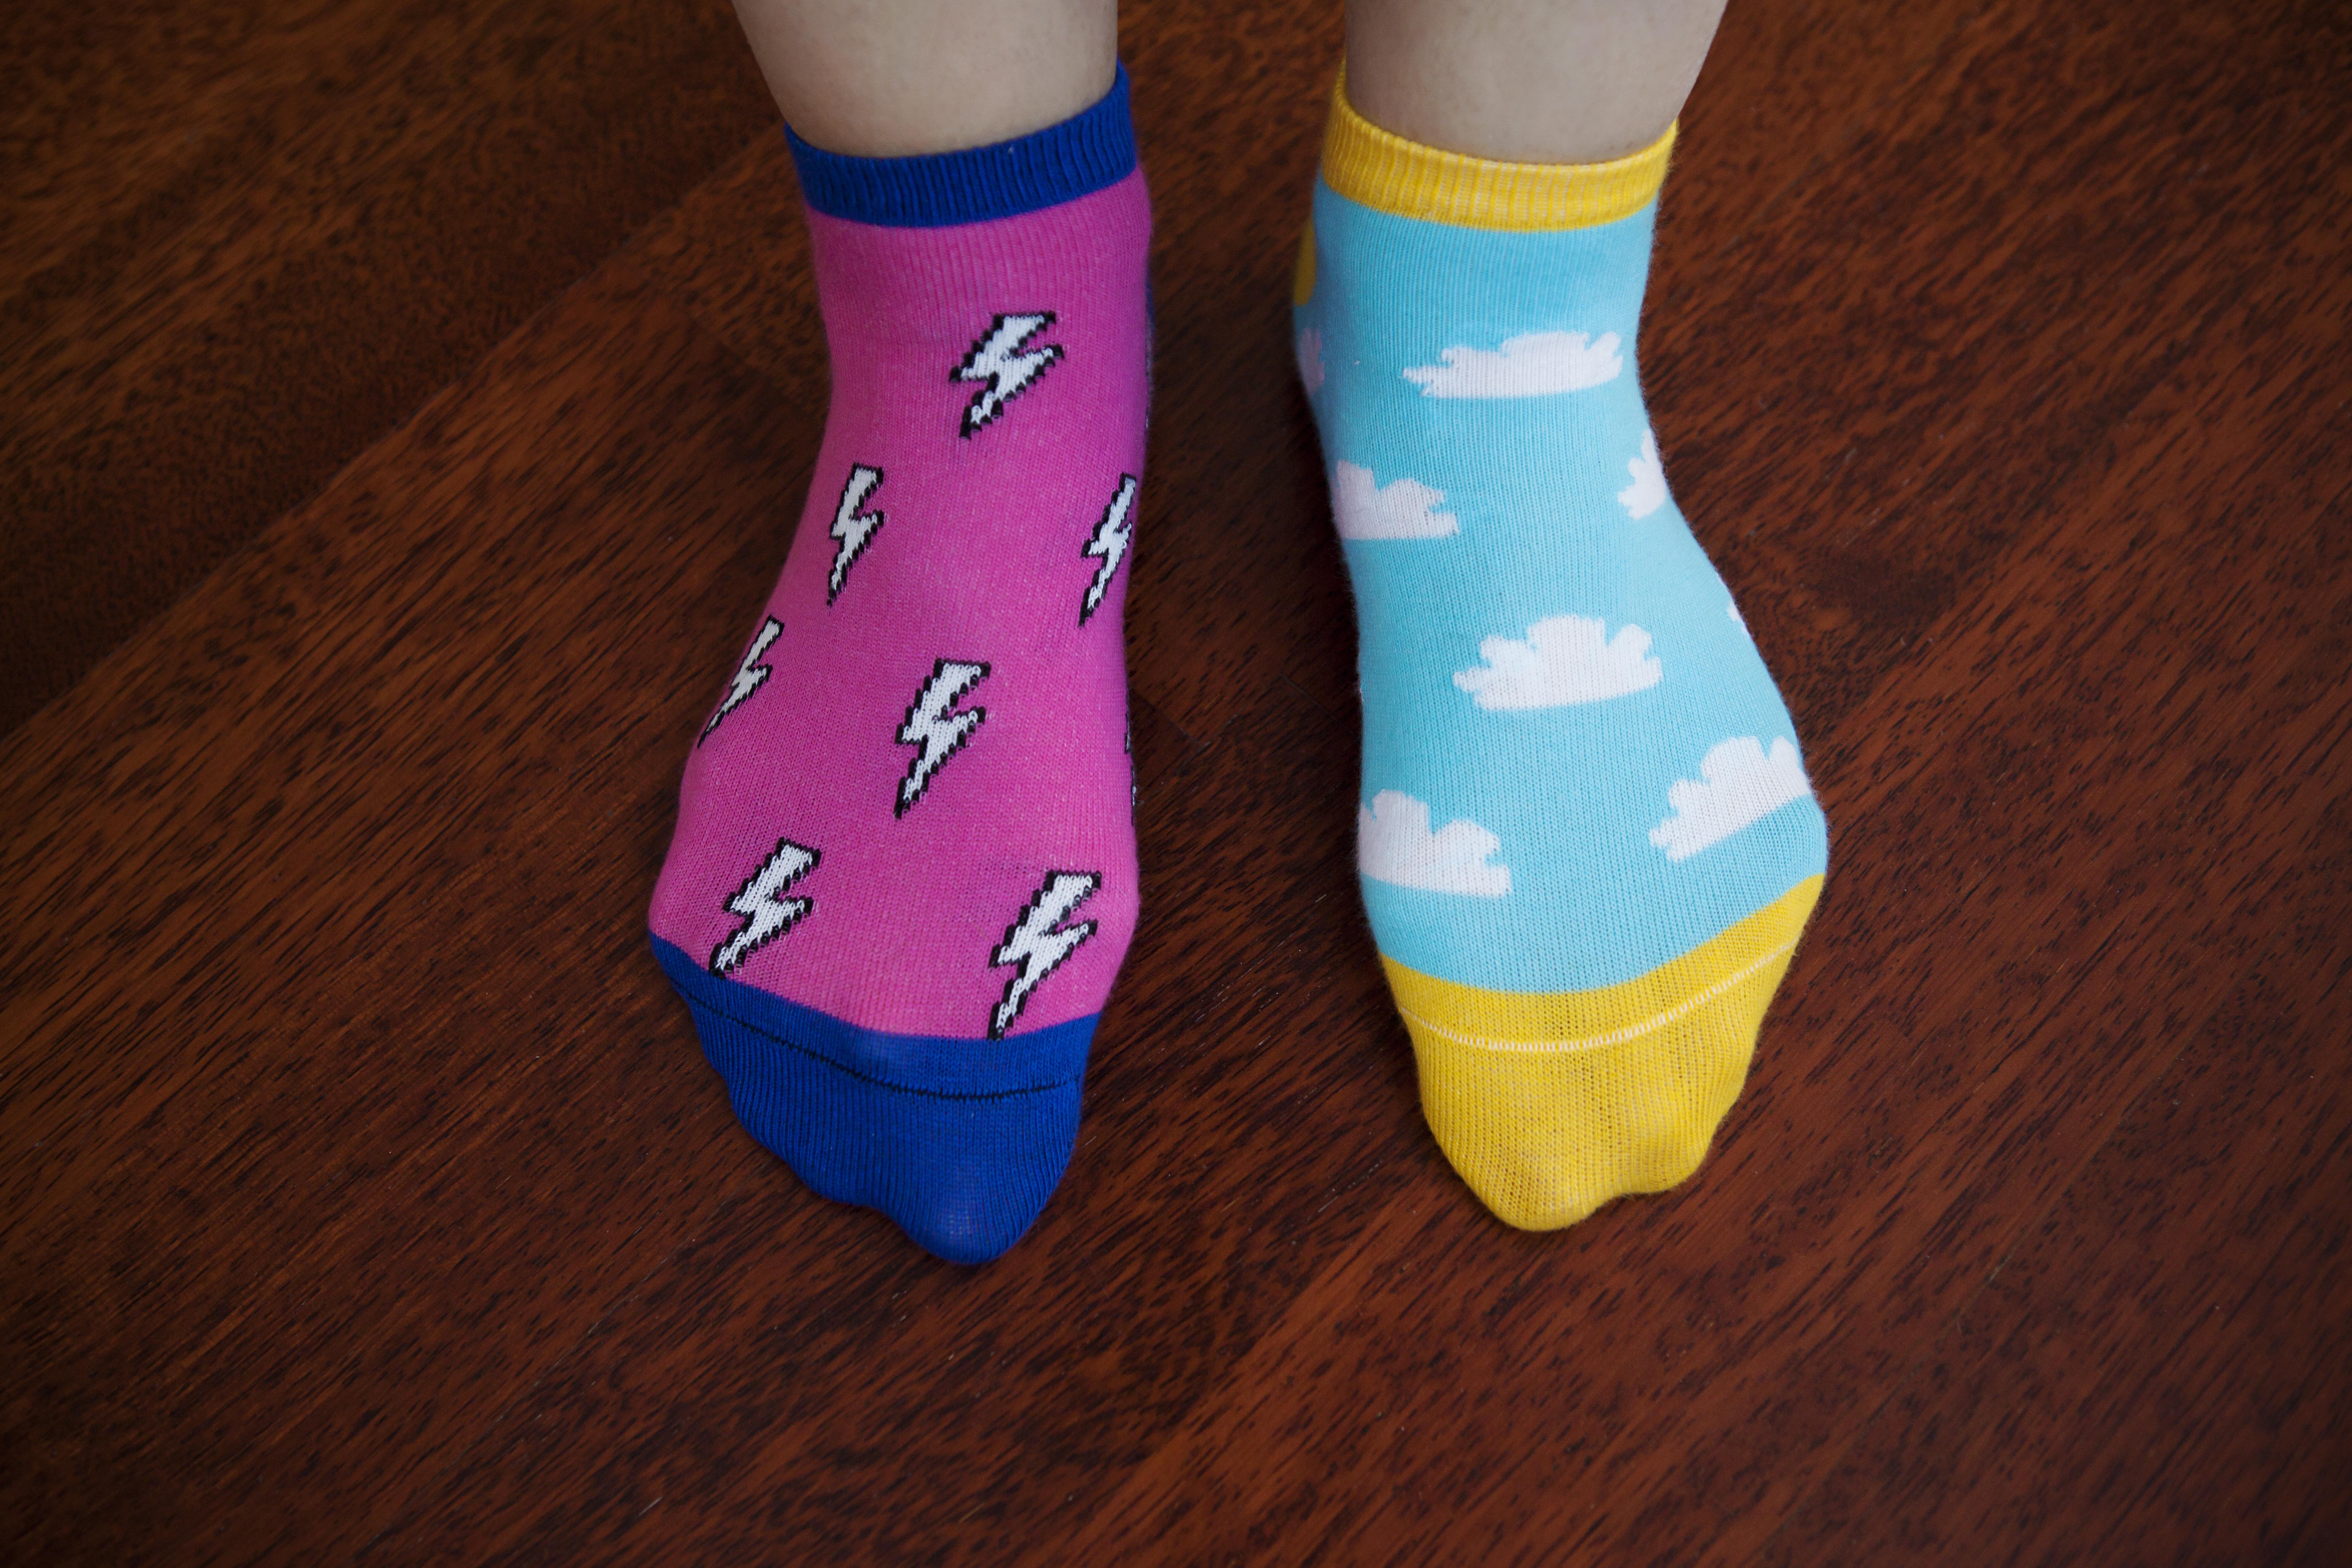 Var med och uppmärksamma Downs syndrom genom att bära omaka par strumpor den 21 mars.